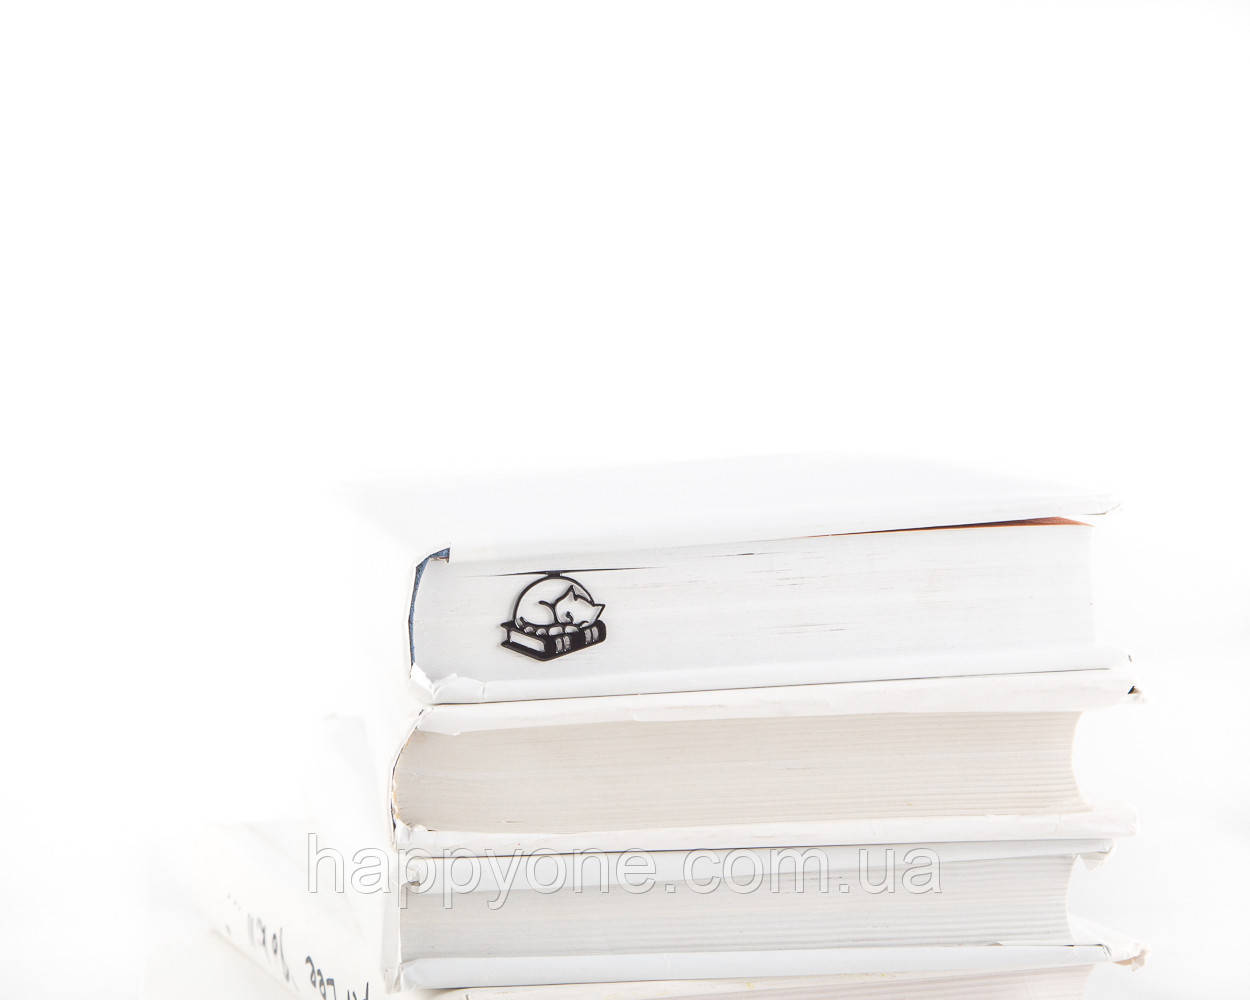 Закладка для книг Кошка на книгах